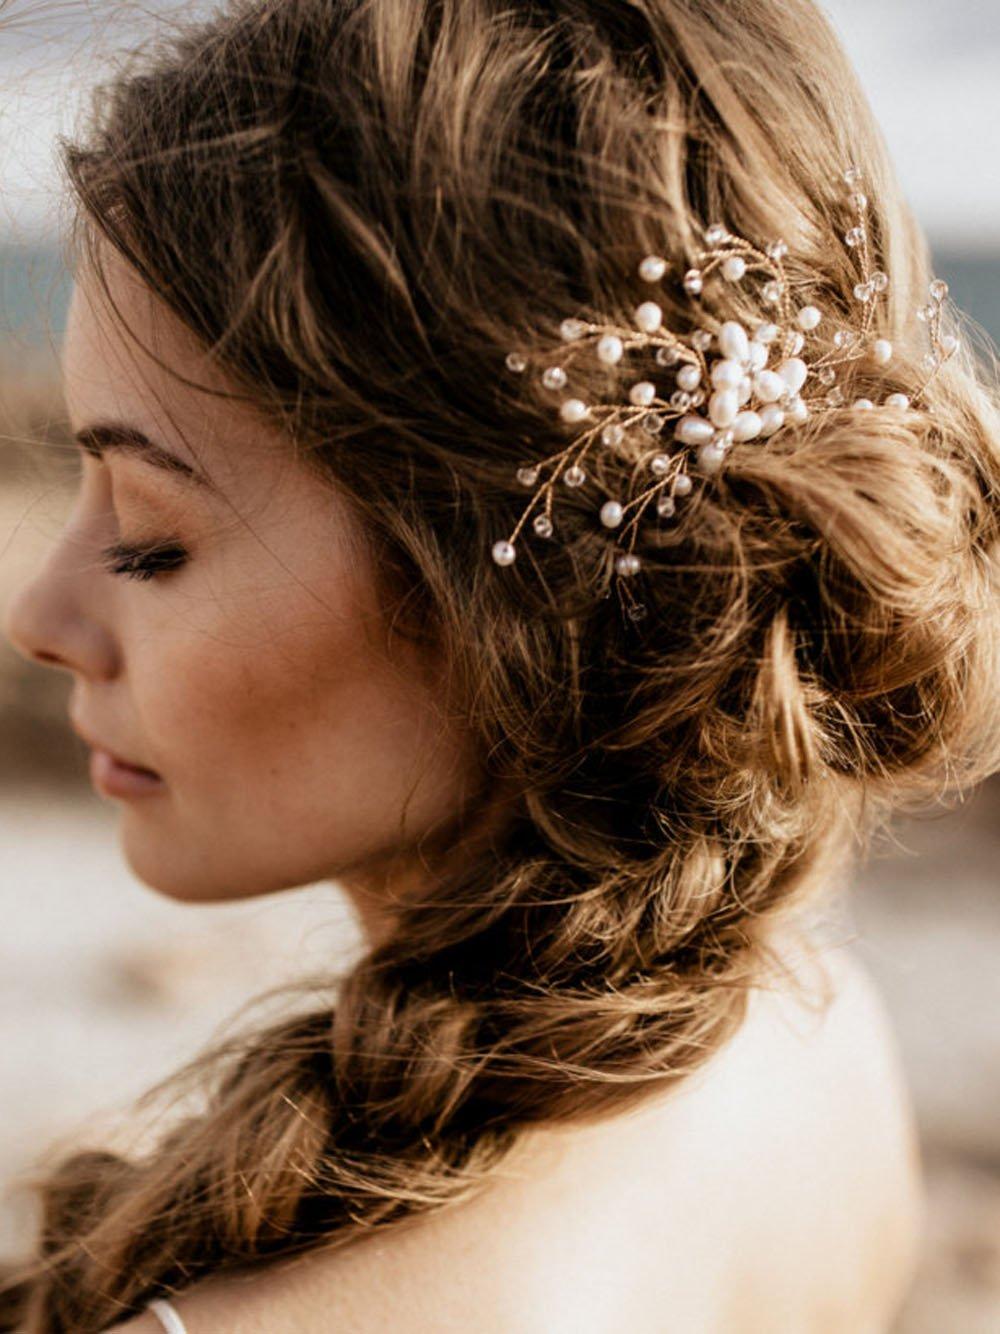 Fxmimior Mariage vintage Fleur de Cristal Cheveux Peigne usure de la tête Ornements de cheveux femme fille